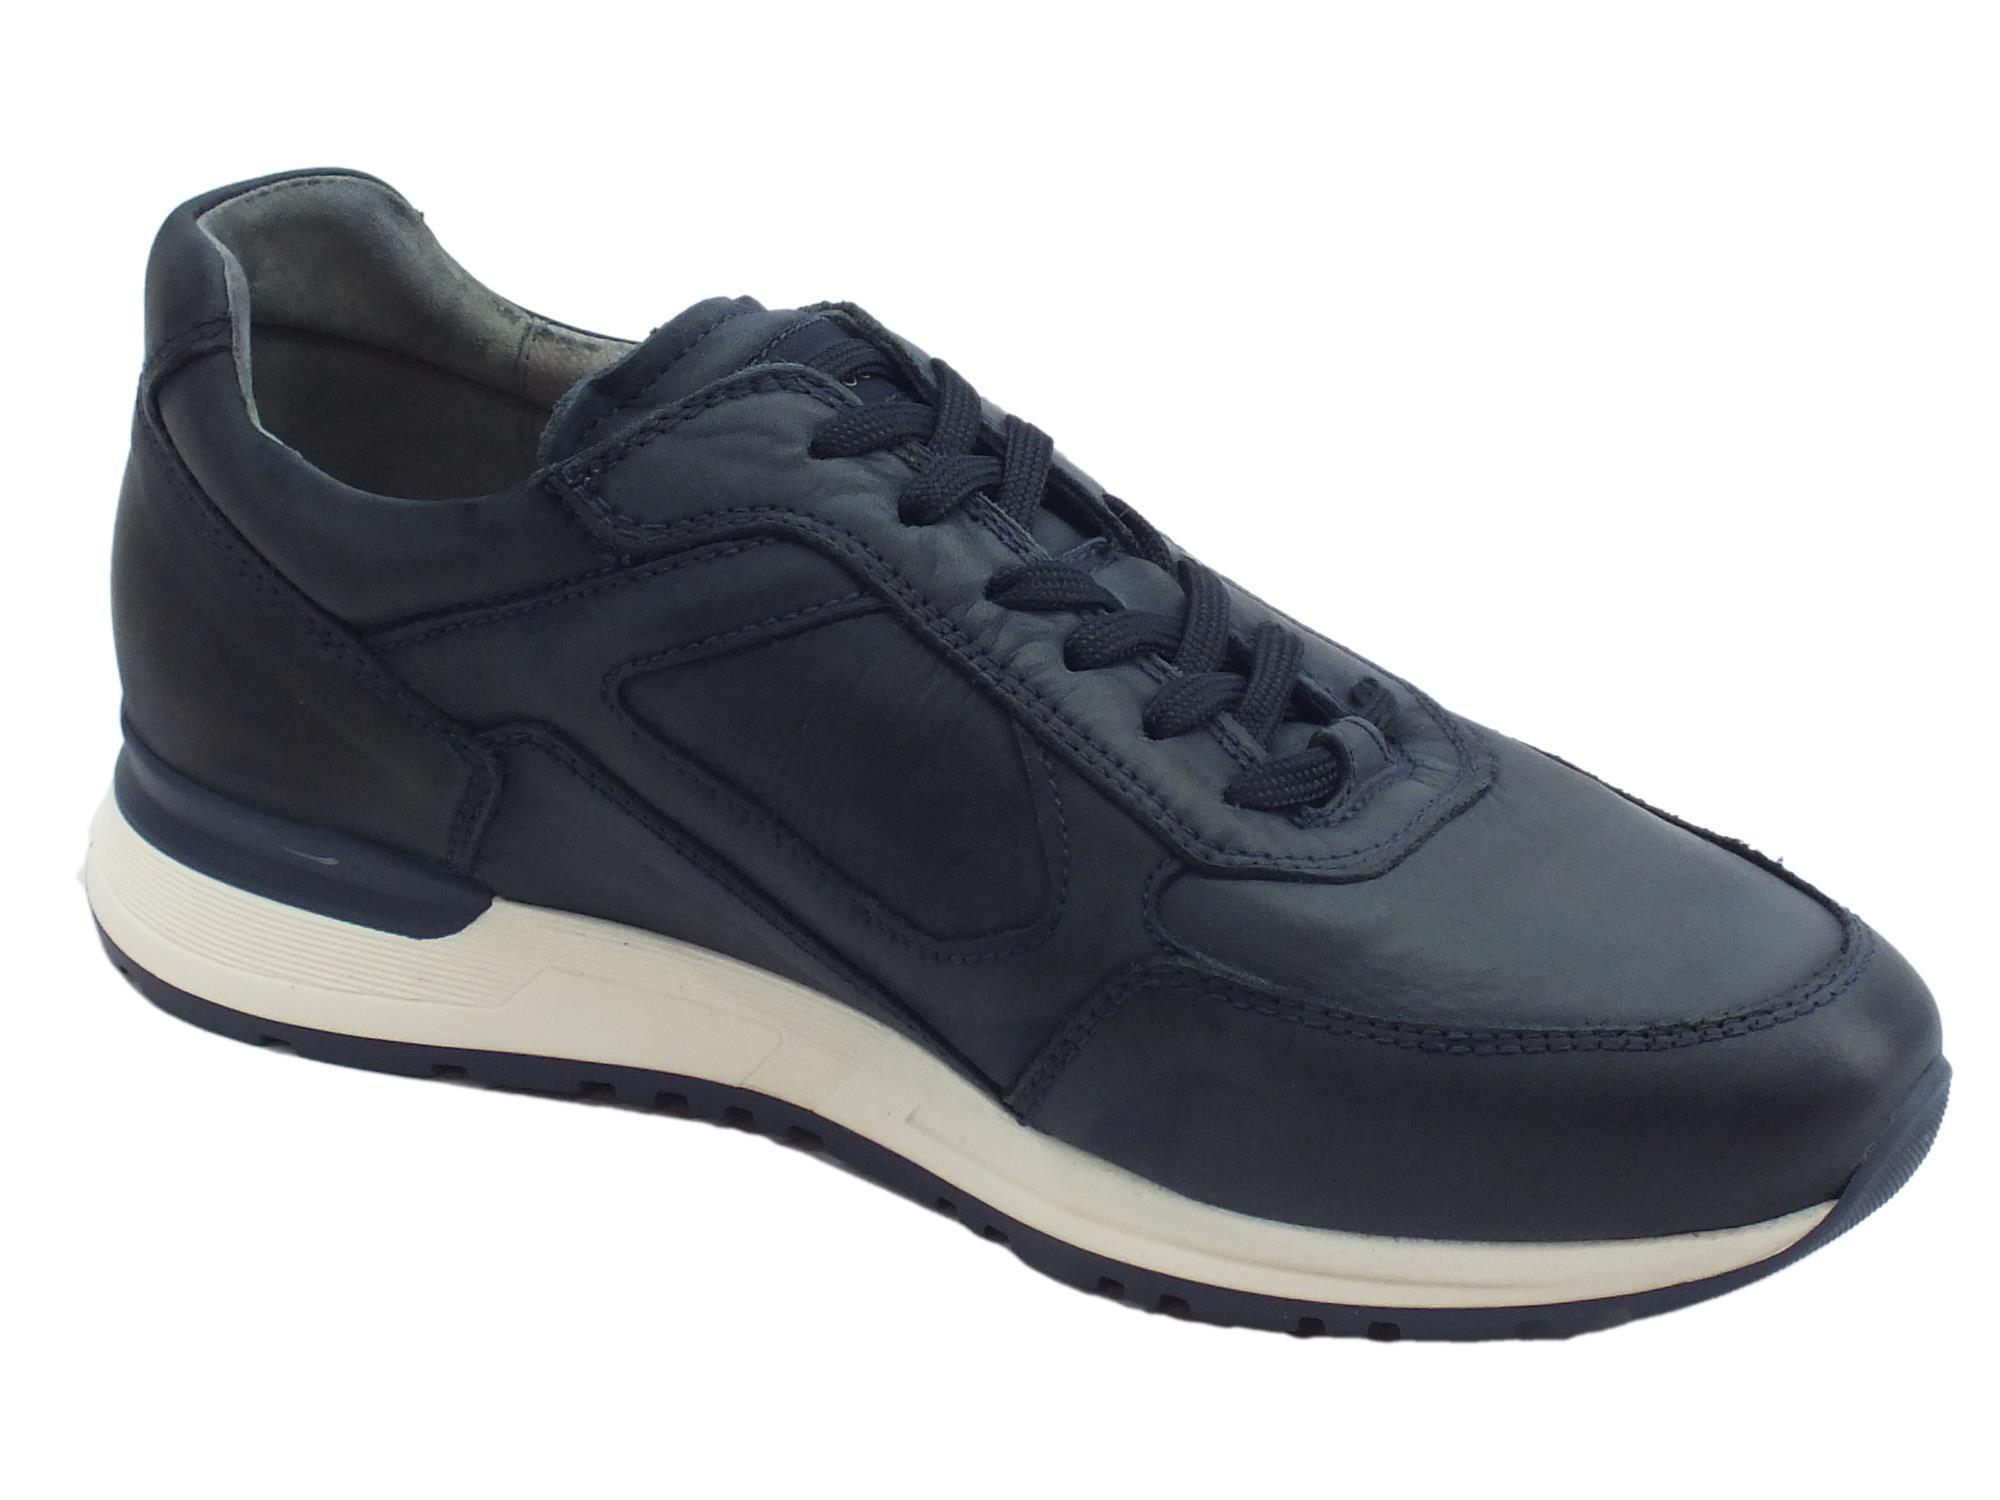 4b2093b00c10 ... Nerogiardini scarpe per uomo in pelle morbidissima colore blu ...